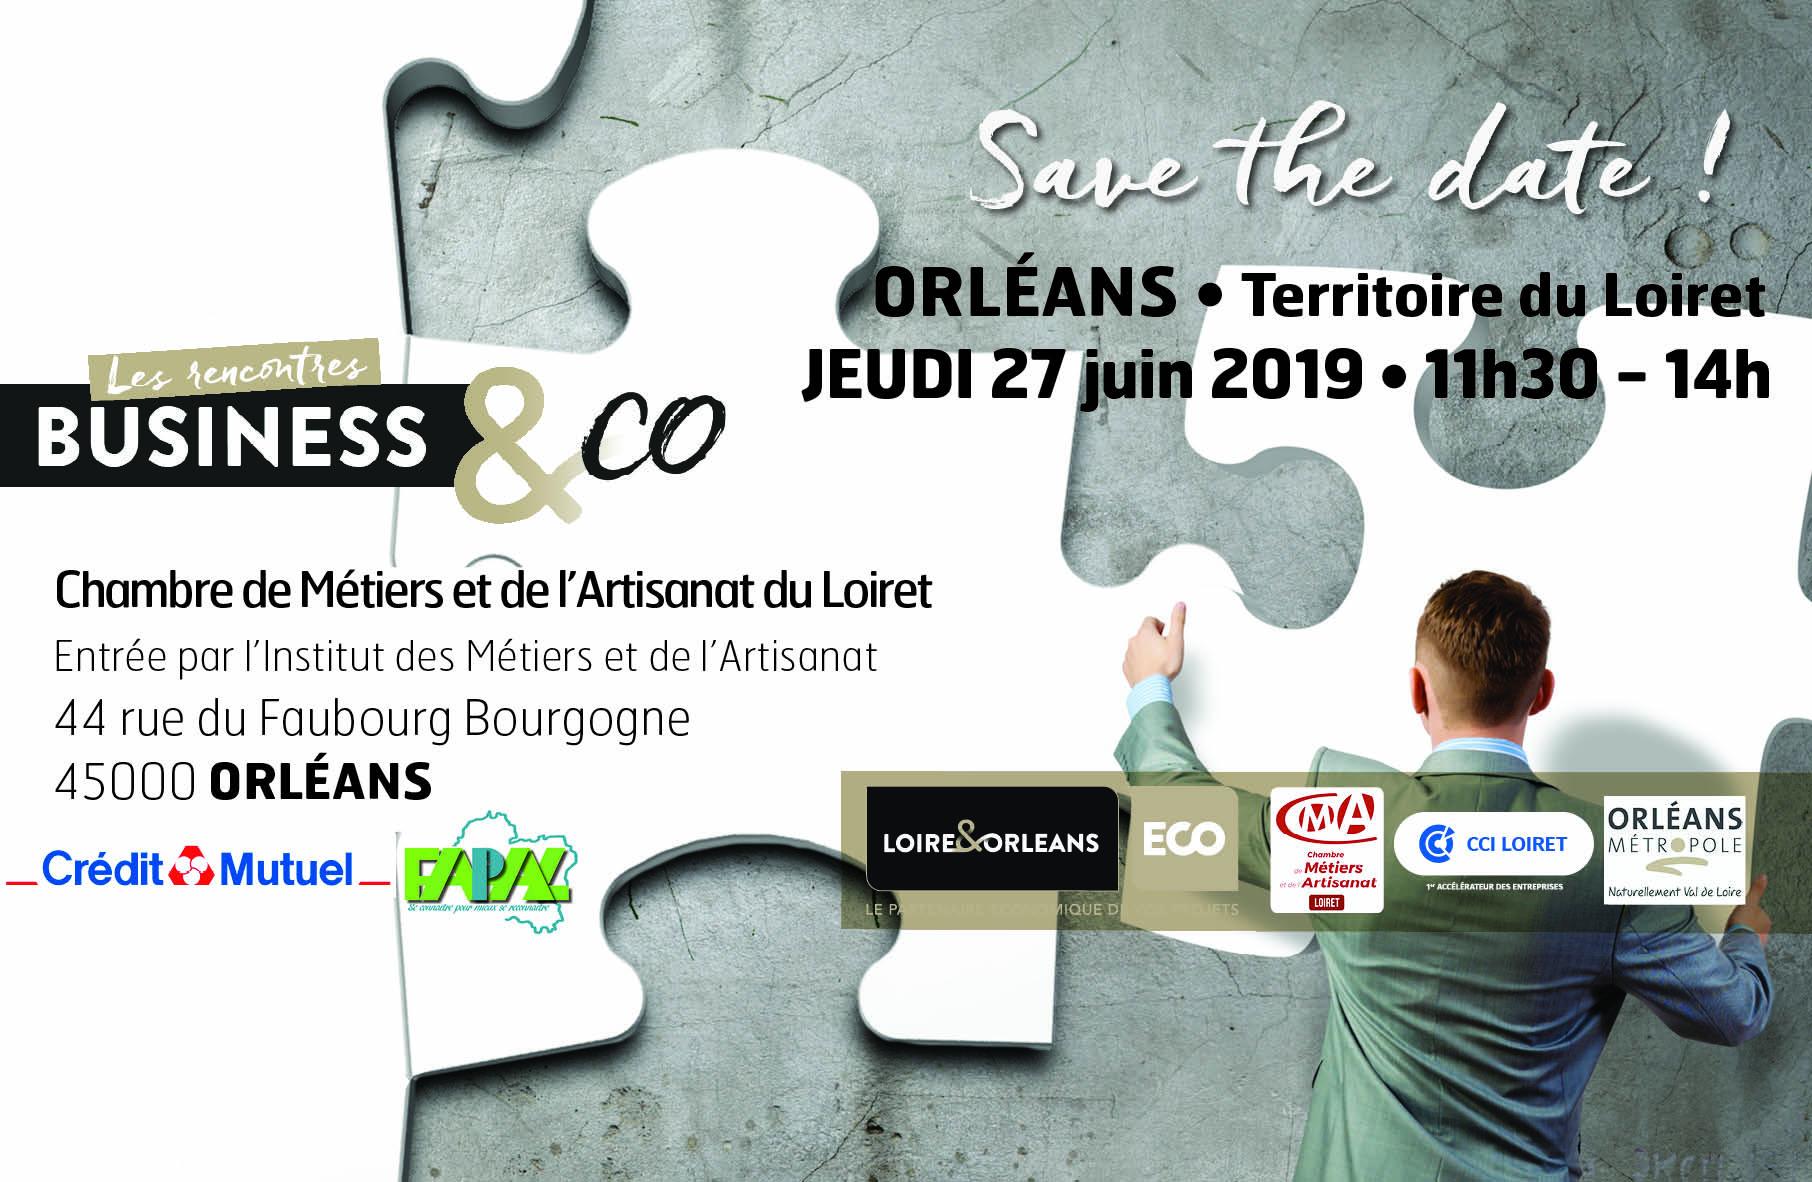 Business&Co à Orléans | LOIRE&ORLEANS Économie